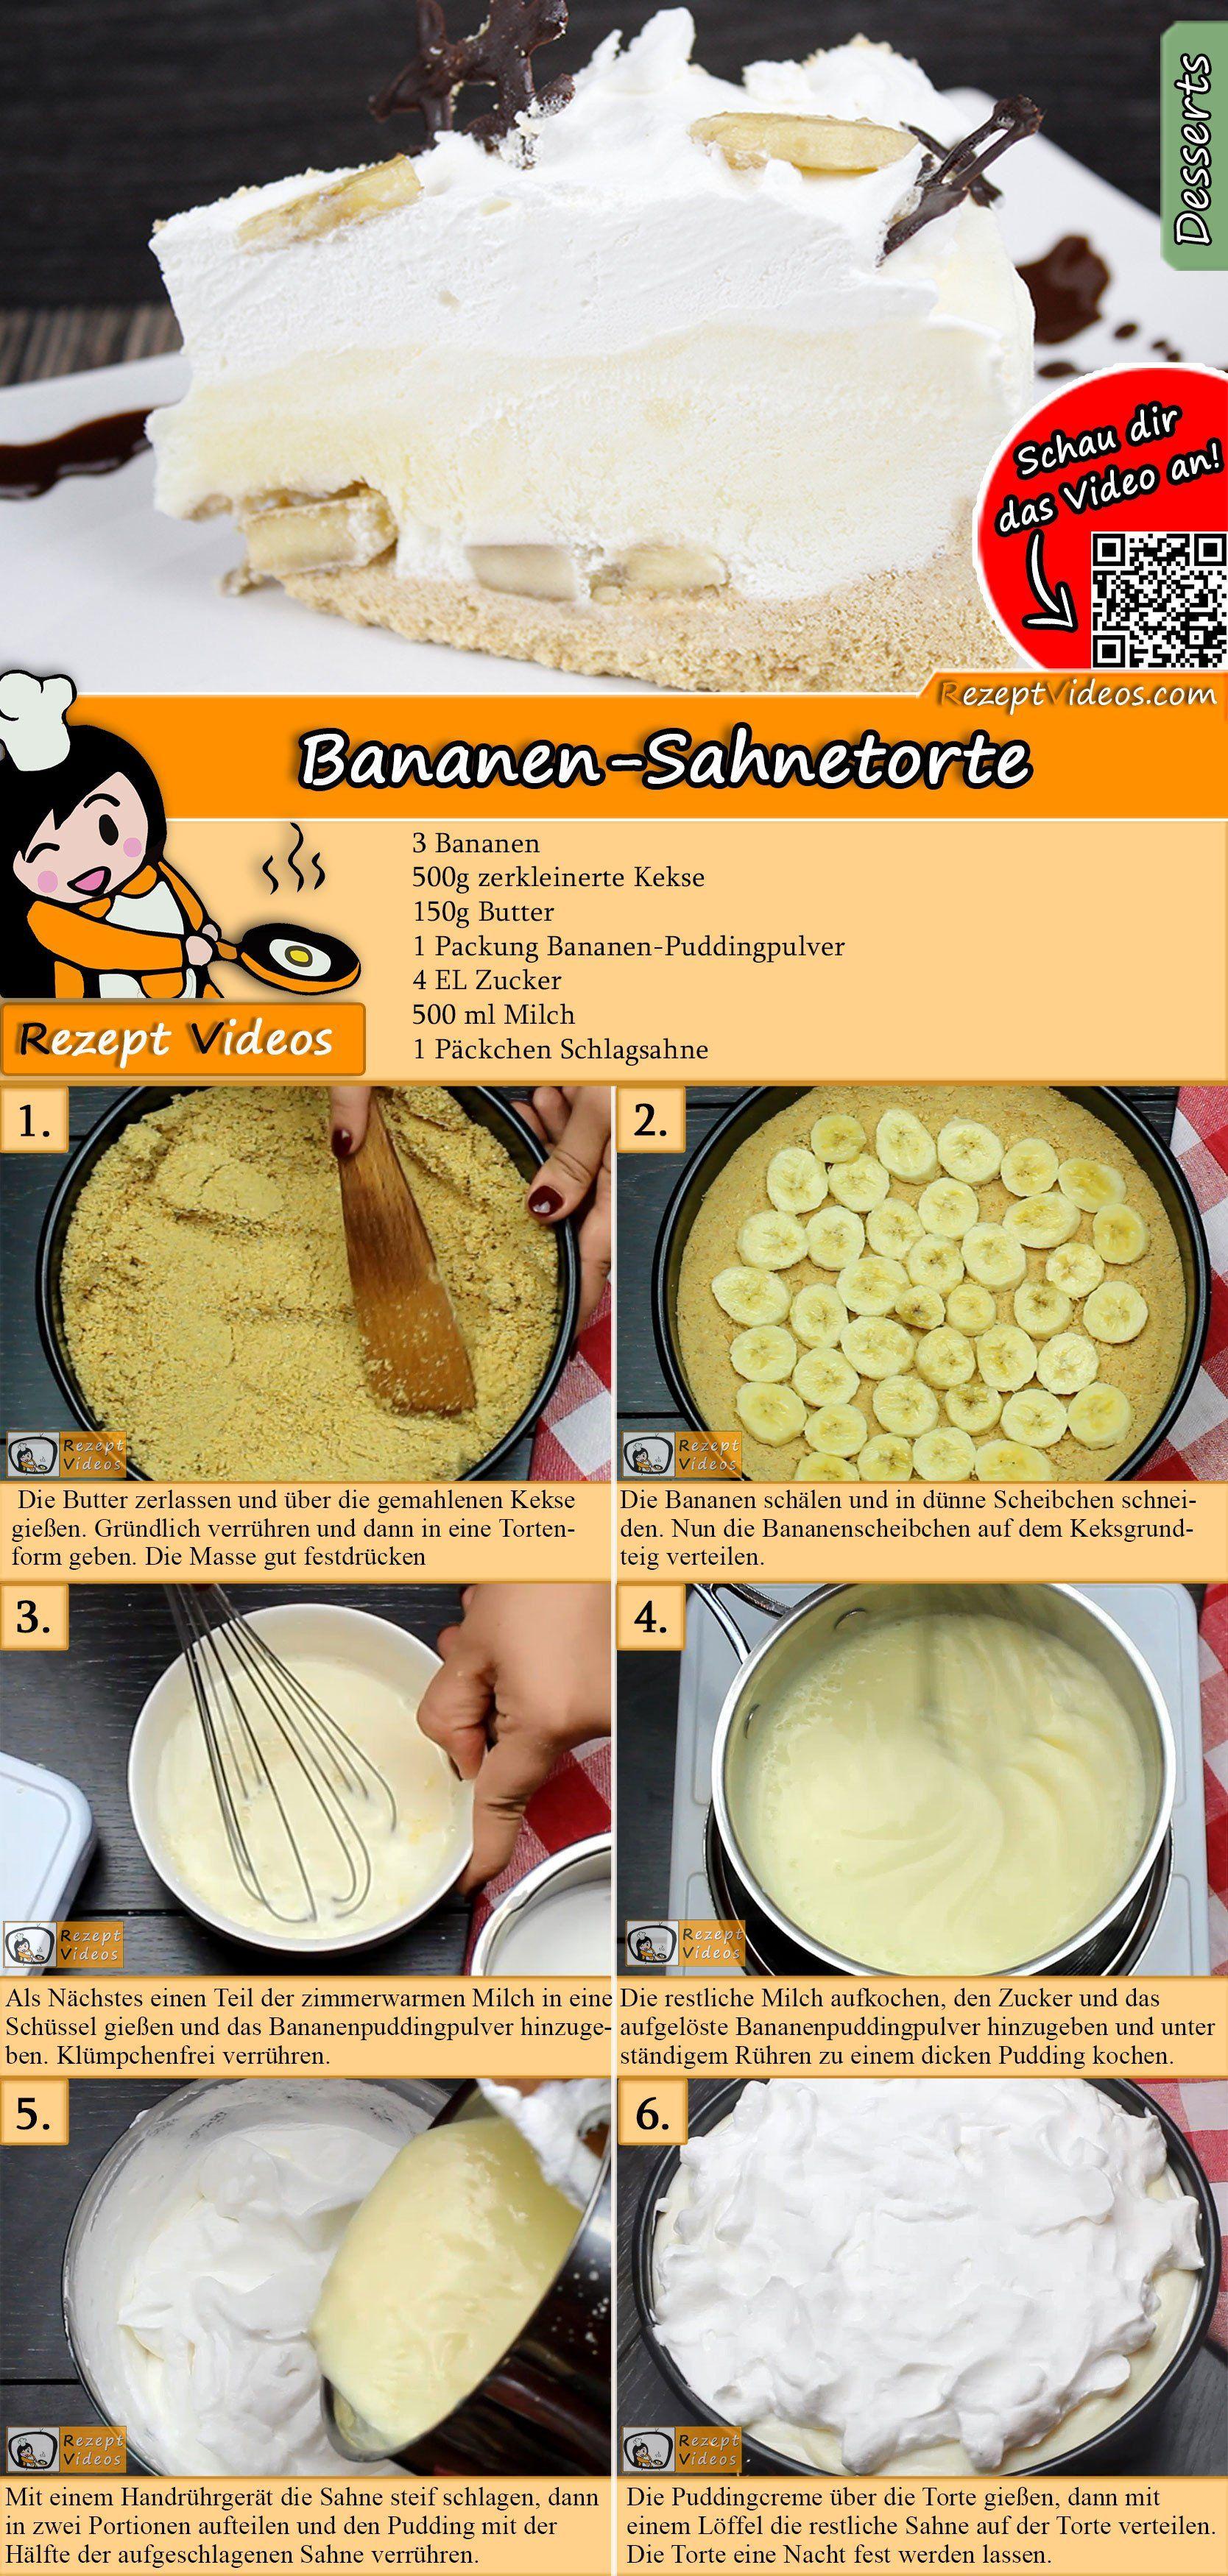 Bananen-Sahnetorte Rezept mit Video - Backrezepte/ Kuchen backen